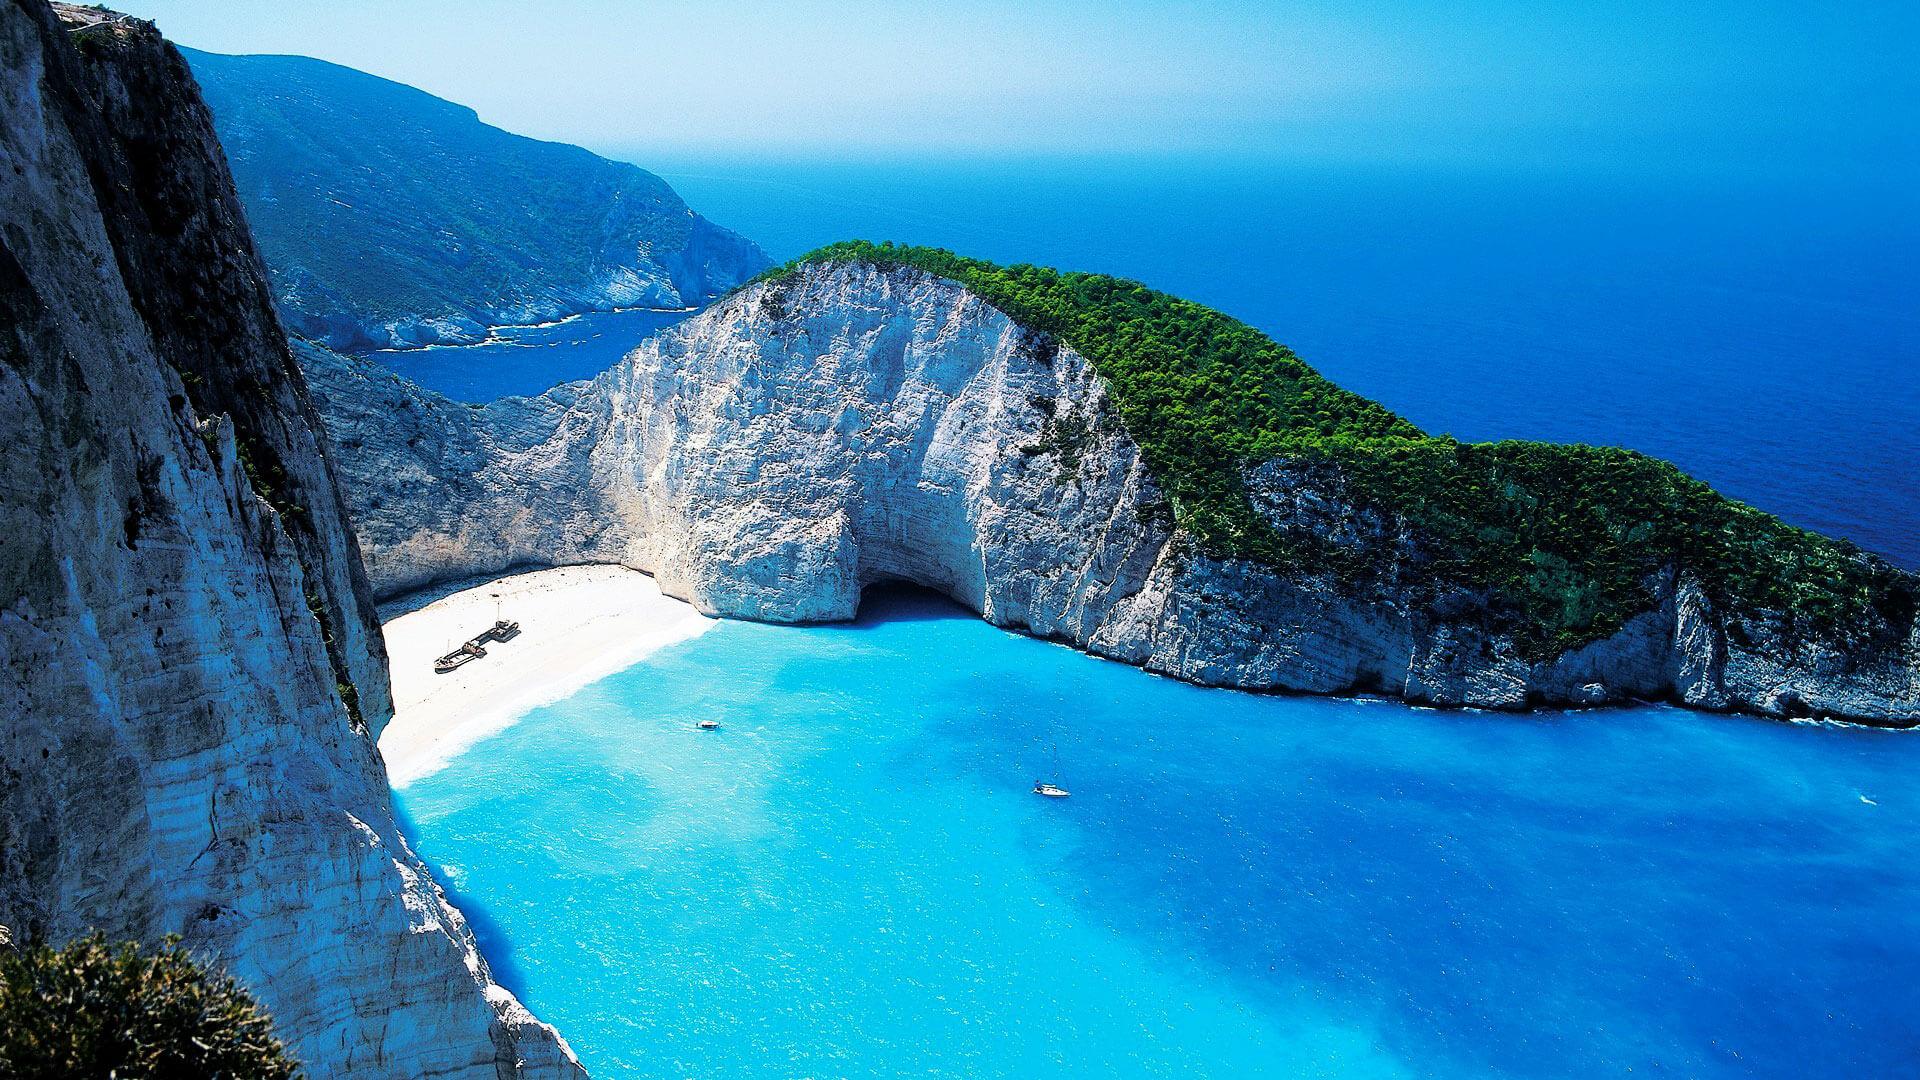 Красивые картинки пляжа для рабочего стола - подборка 12